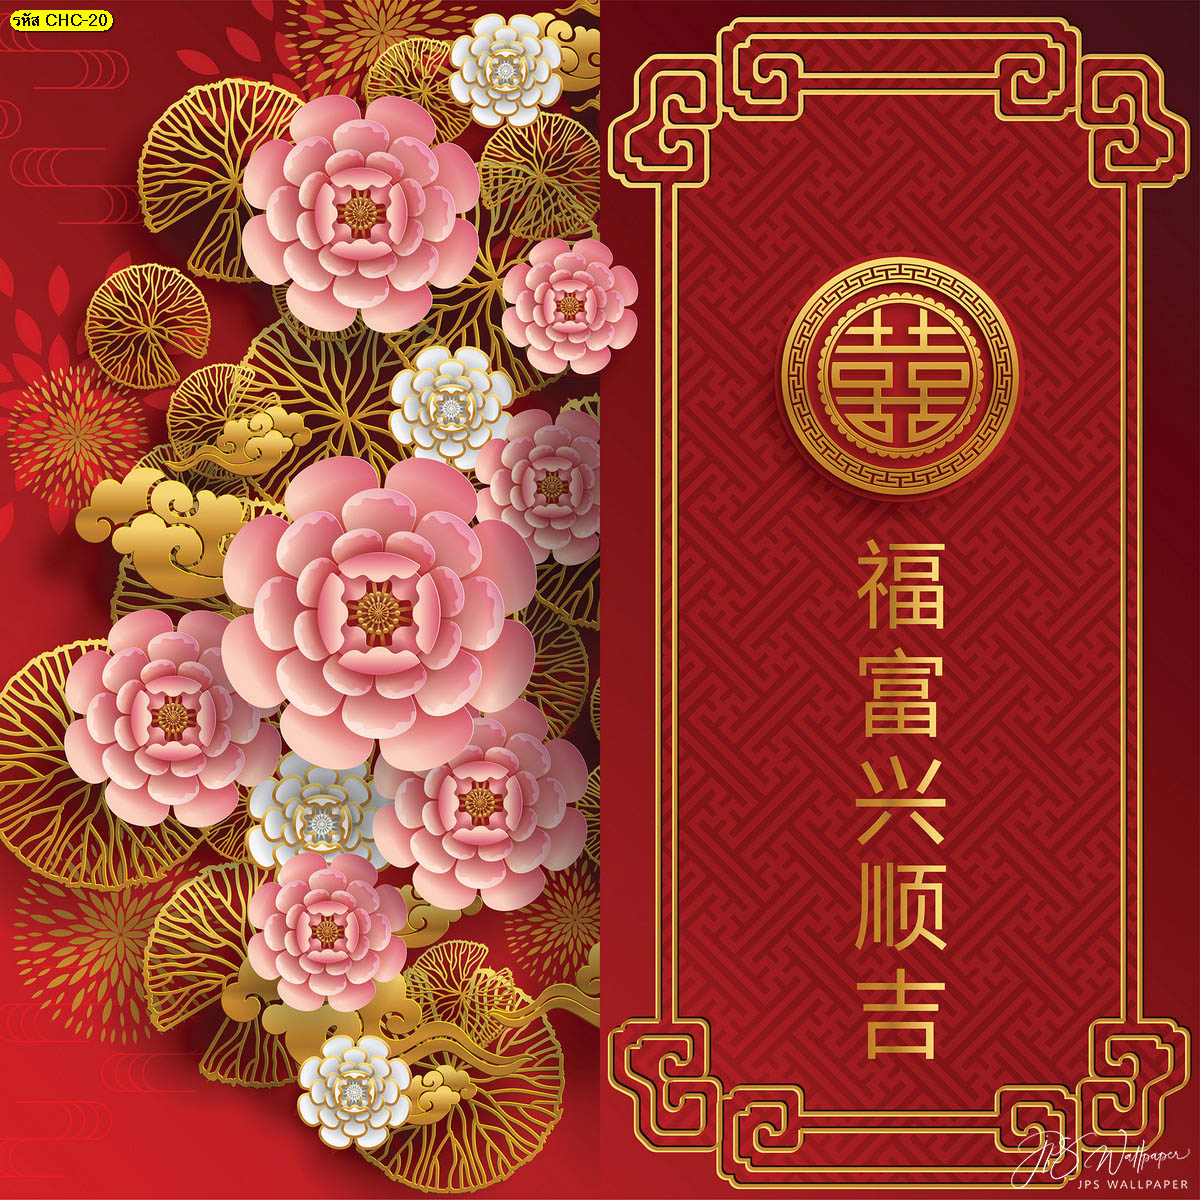 ภาพสั่งทำติดผนังลายจีนมงคล วัสดุแต่งบ้านสไตล์จีนลายดอกไม้ ป้ายอวยพรปีใหม่จีน